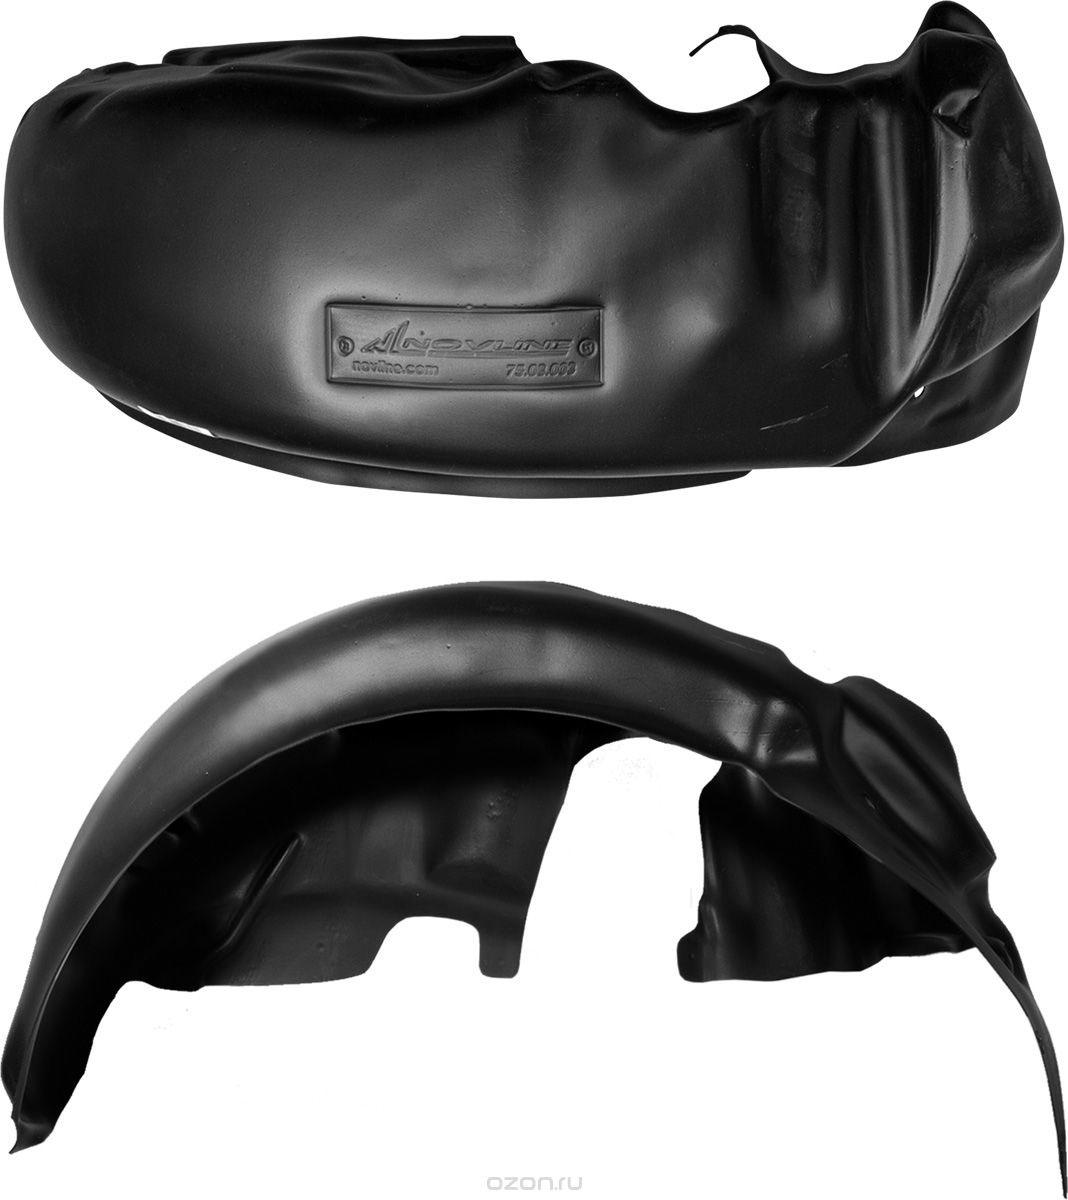 Подкрылок Novline-Autofamily, для NISSAN Pathfinder, 2014->, задний правый000413Идеальная защита колесной ниши. Локеры разработаны с применением цифровых технологий, гарантируют максимальную повторяемость поверхности арки. Изделия устанавливаются без нарушения лакокрасочного покрытия автомобиля, каждый подкрылок комплектуется крепежом. Уважаемые клиенты, обращаем ваше внимание, что фотографии на подкрылки универсальные и не отражают реальную форму изделия. При этом само изделие идет точно под размер указанного автомобиля.